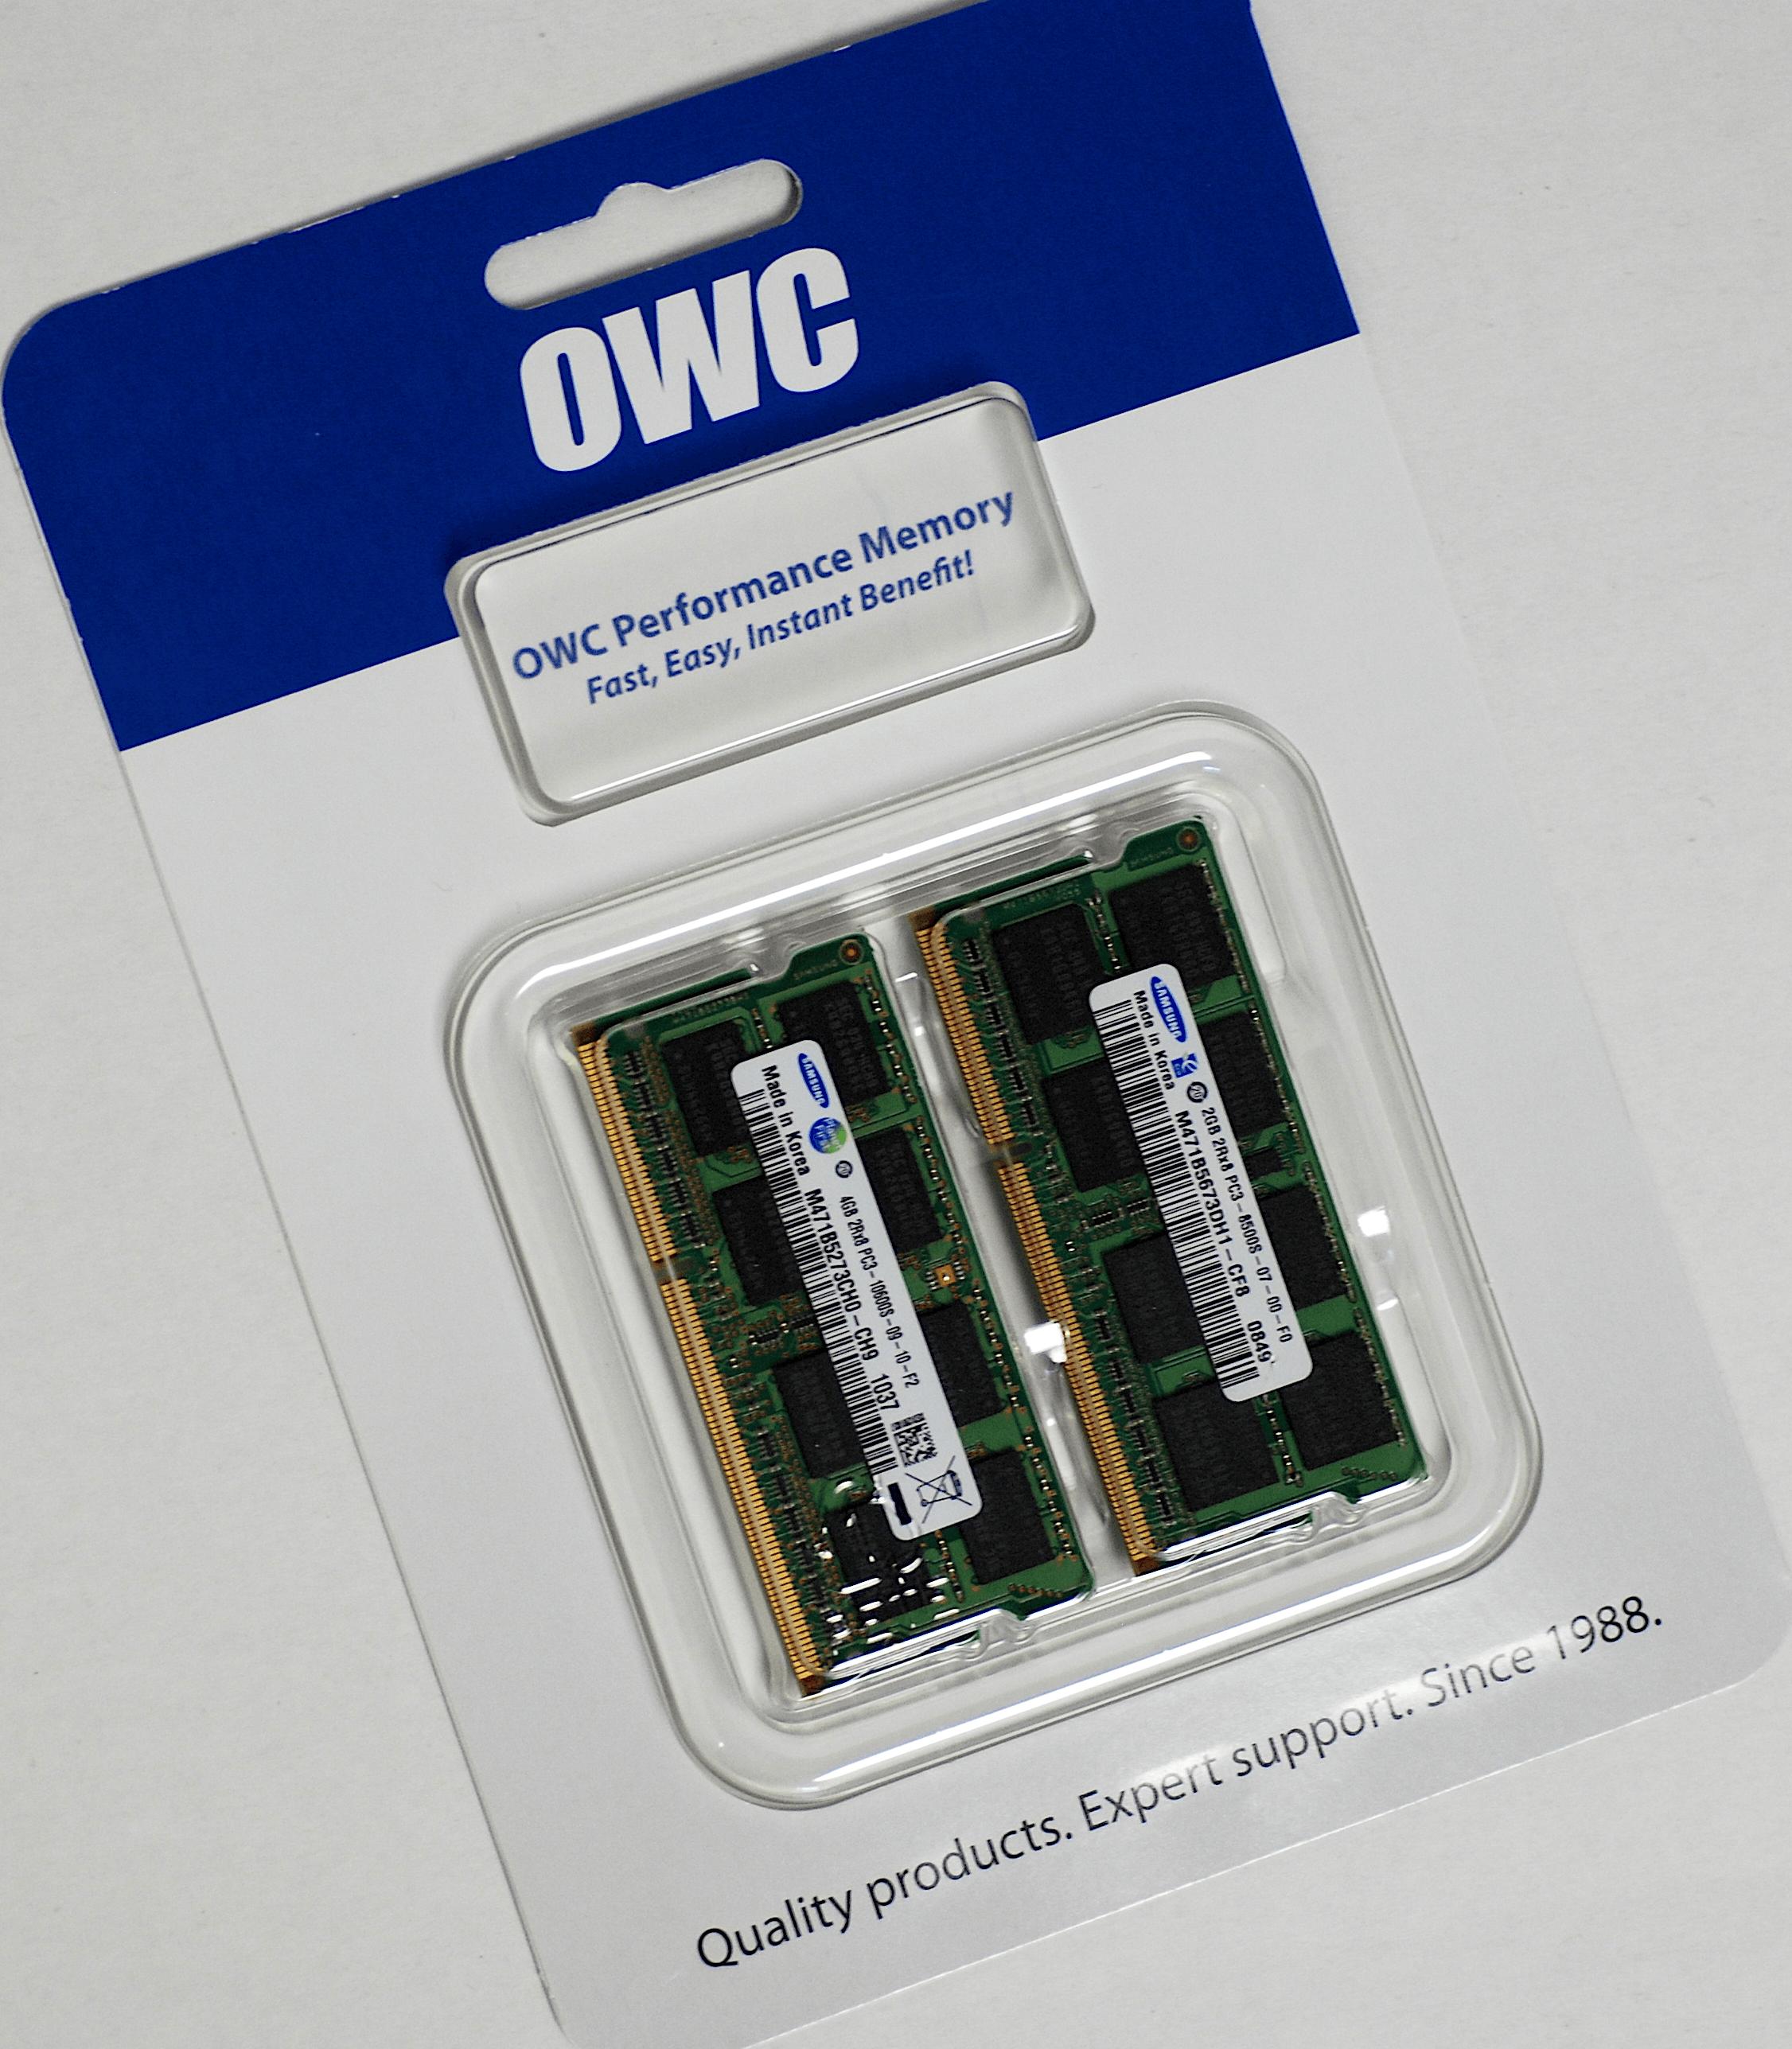 ESD packaging